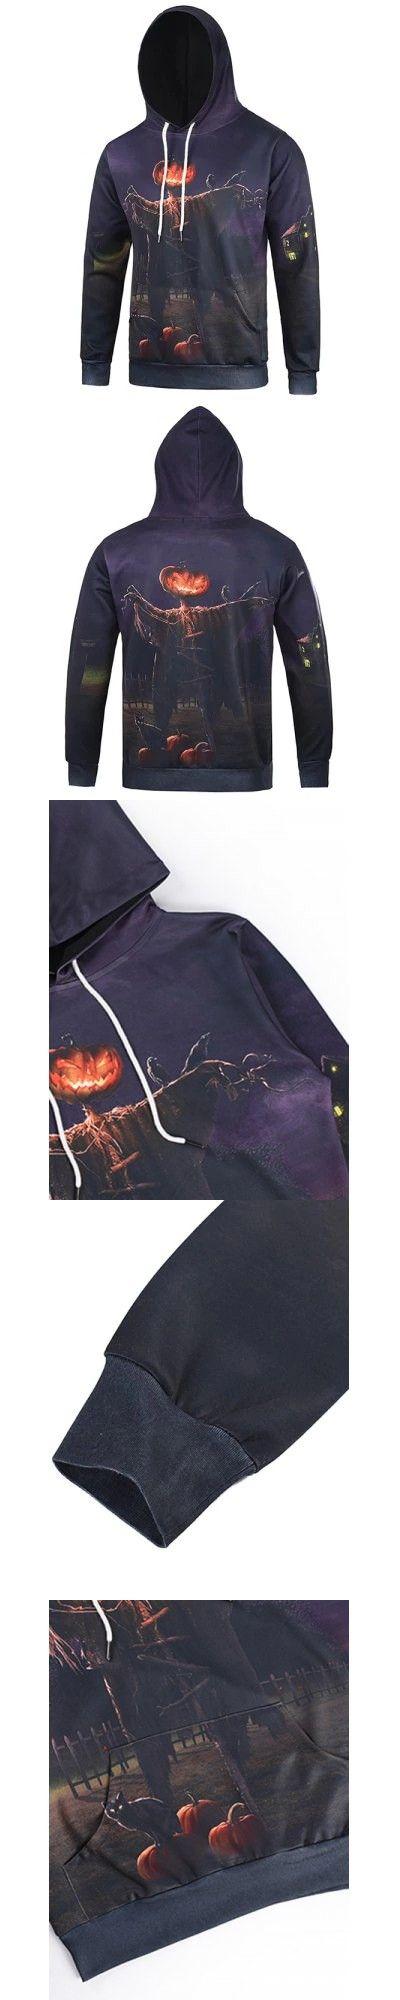 Purple 3D Devil Halloween Pumpkin Cat Print Purple Cool Hoodie XL-$23.18